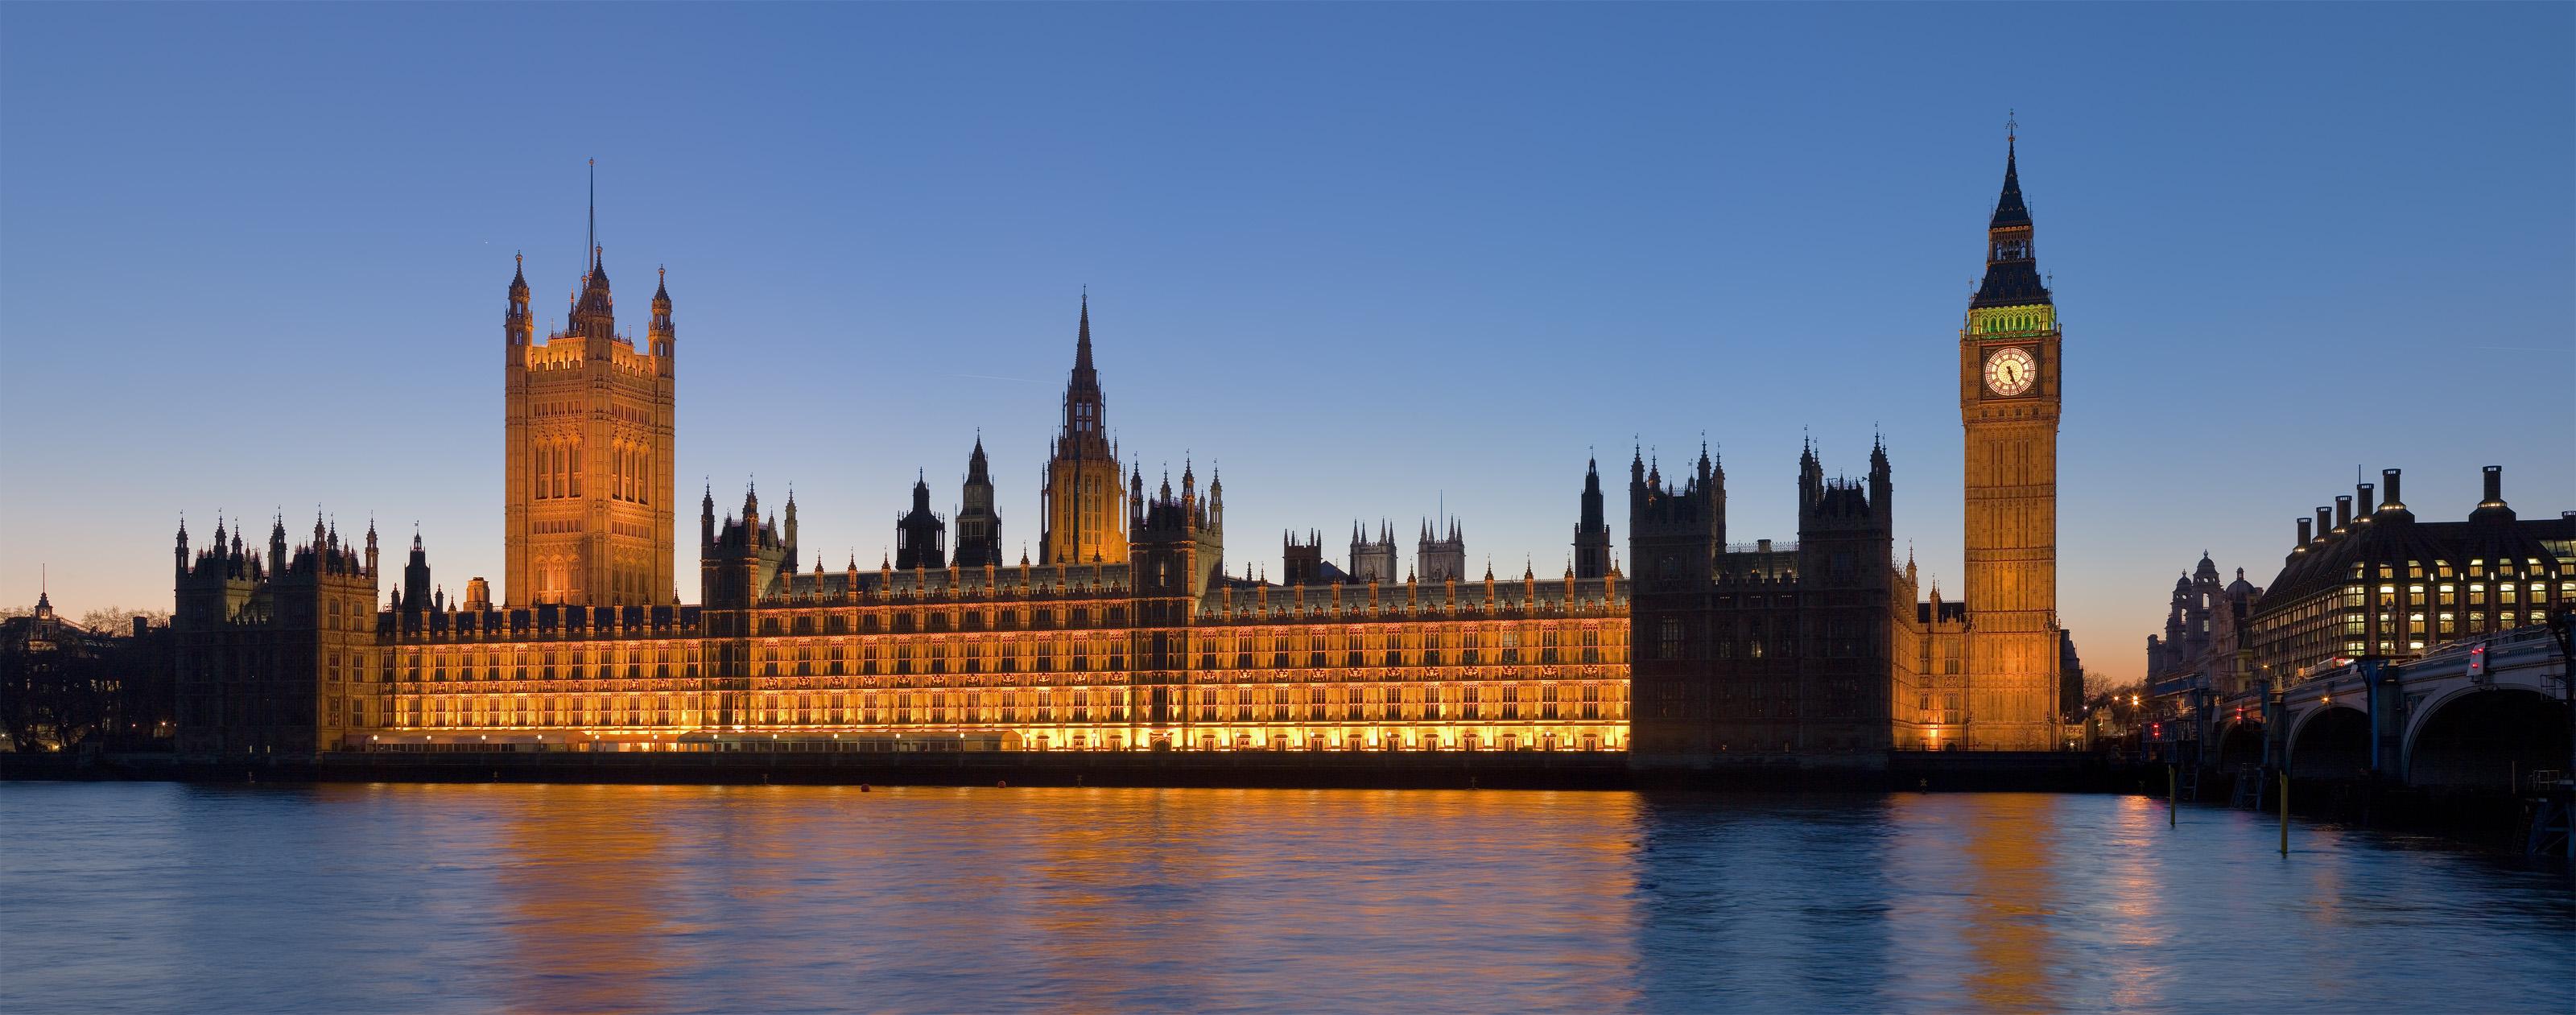 O Palácio ao fundo foi palco de um dos ataques orquestrados pelo Estado Islâmico na Inglaterra em 2017. O atentado começou na Ponte Westiminster, à direita